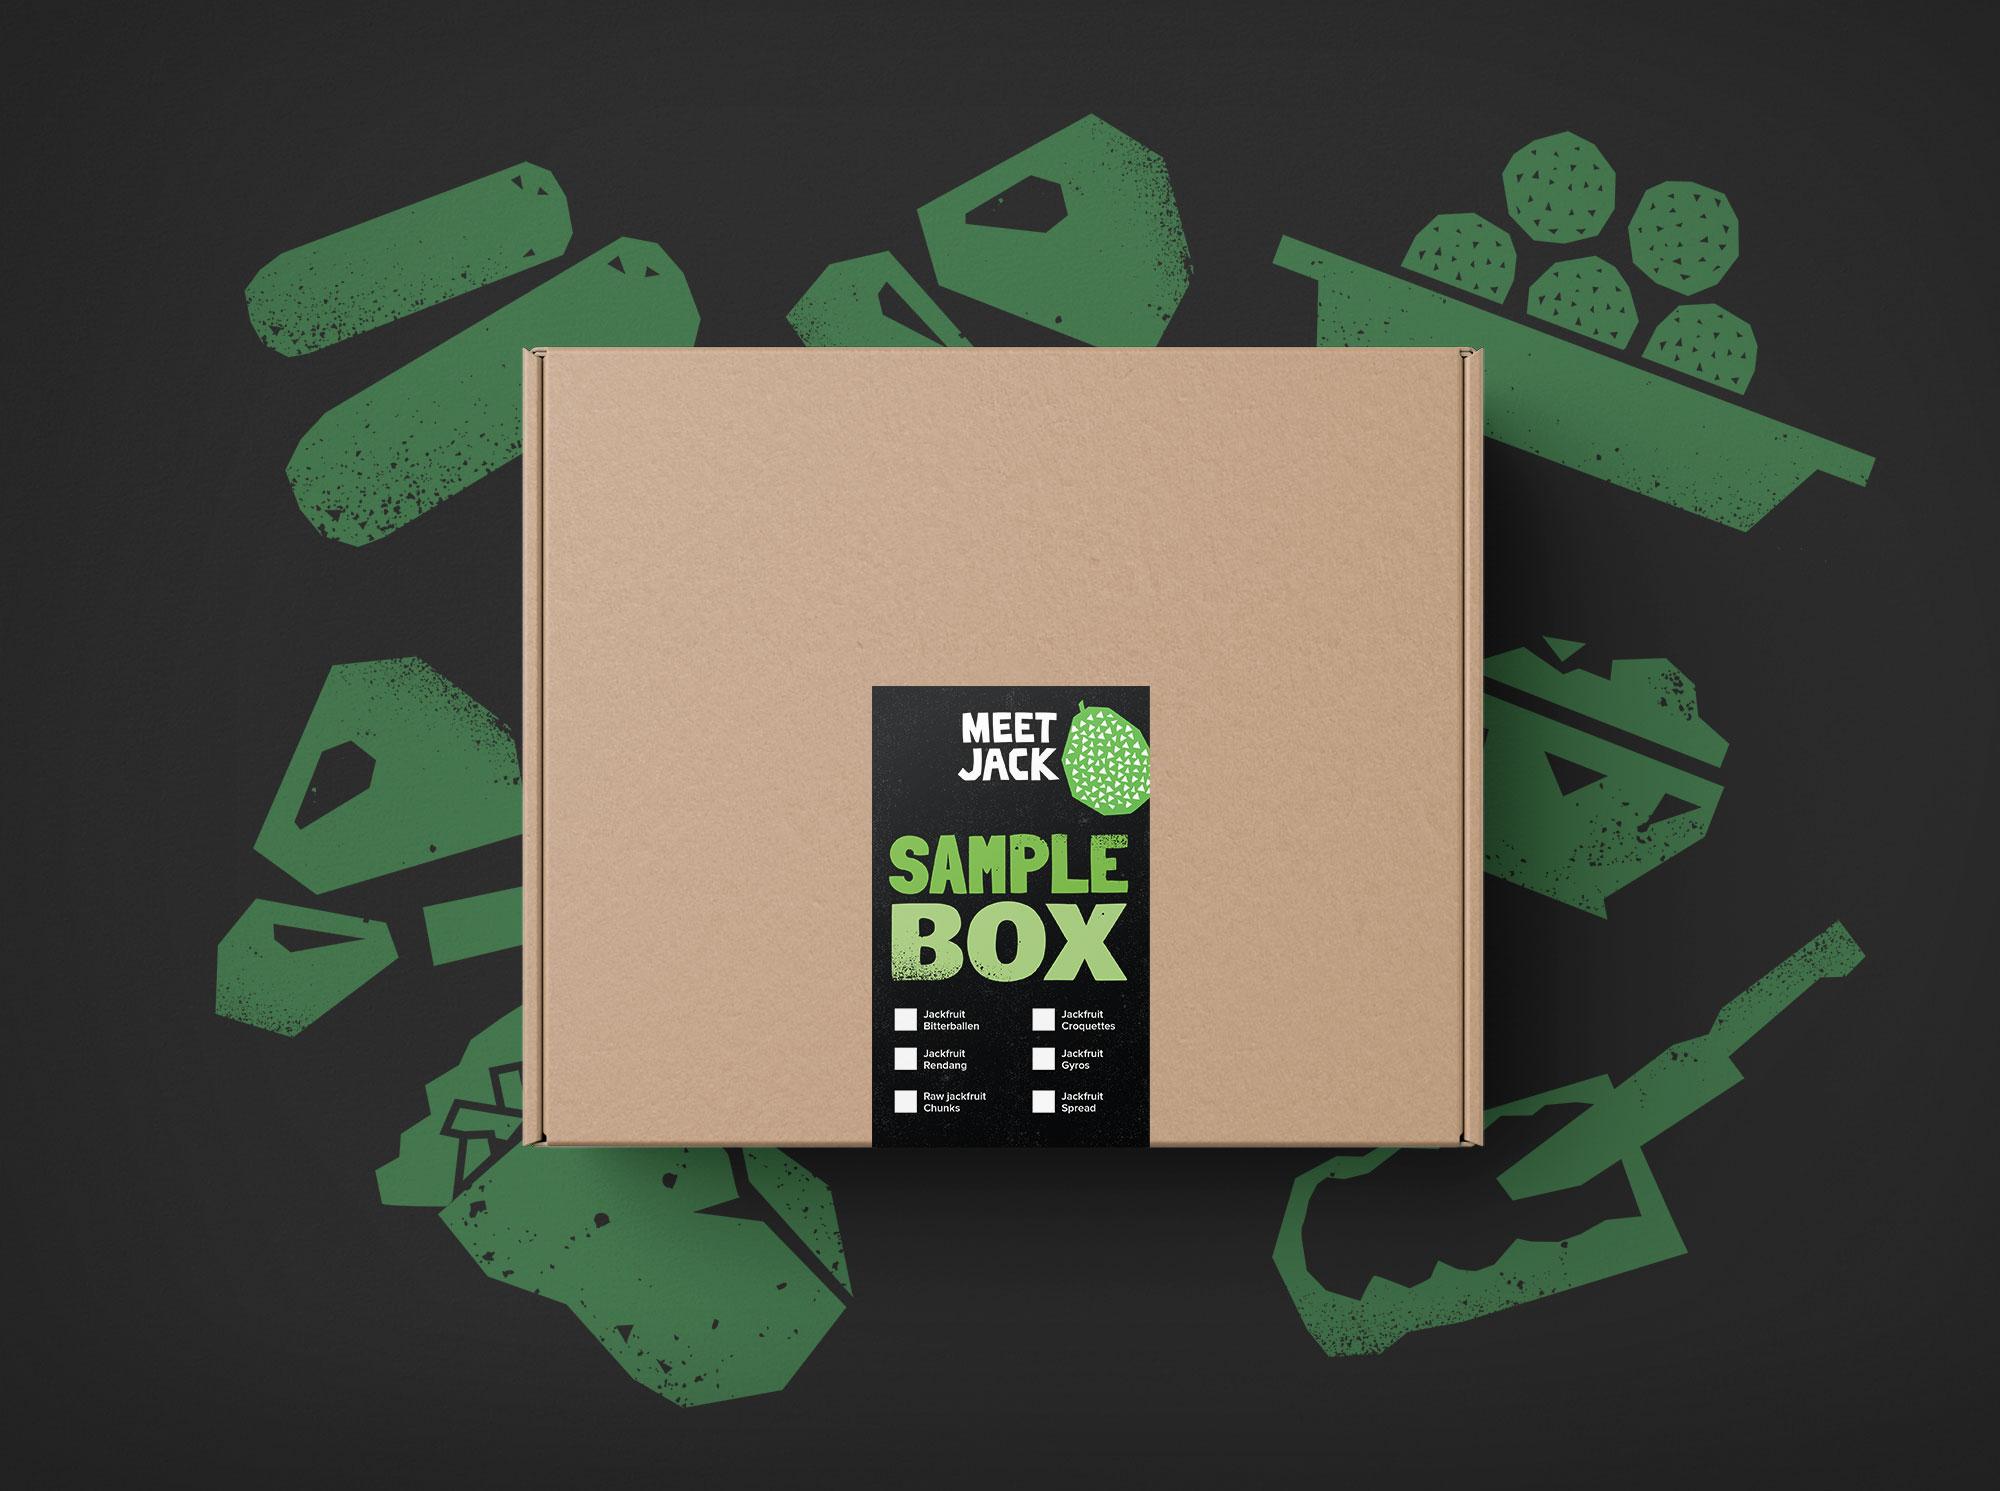 jackfruit-sample-box